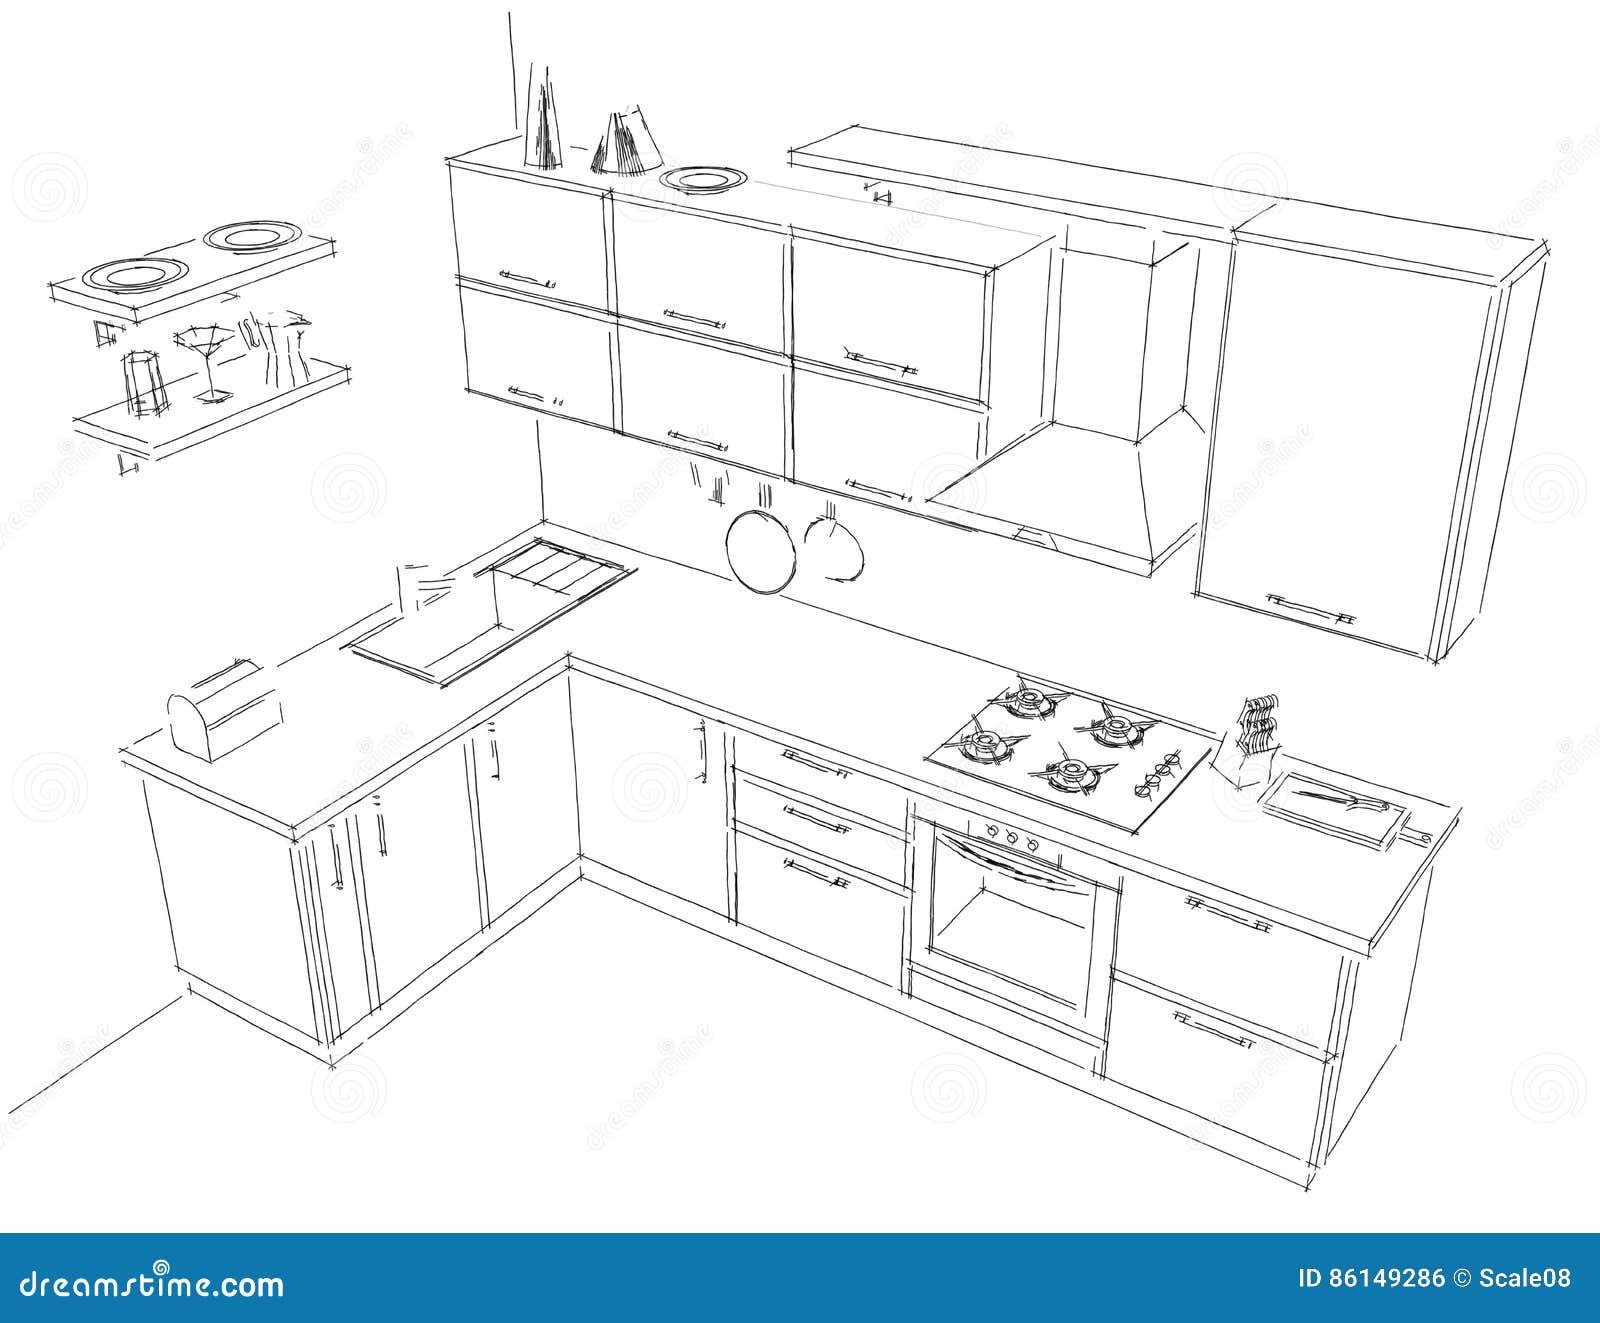 Dessiner cuisine 3d logiciel d conception cuisine with for Logiciel dessin cuisine 3d